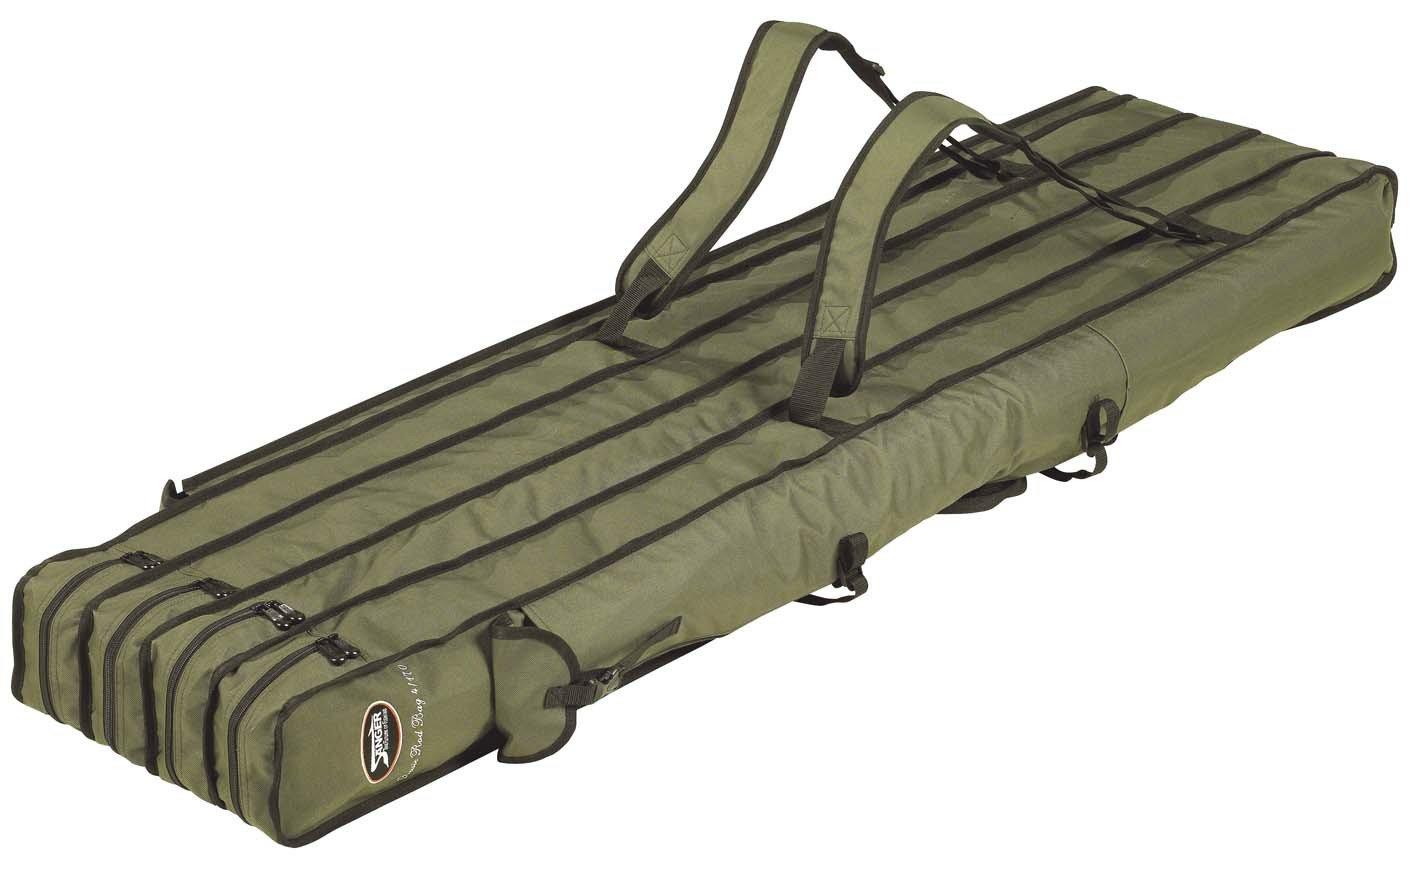 Specitec 4er BasicRodBag 130cm